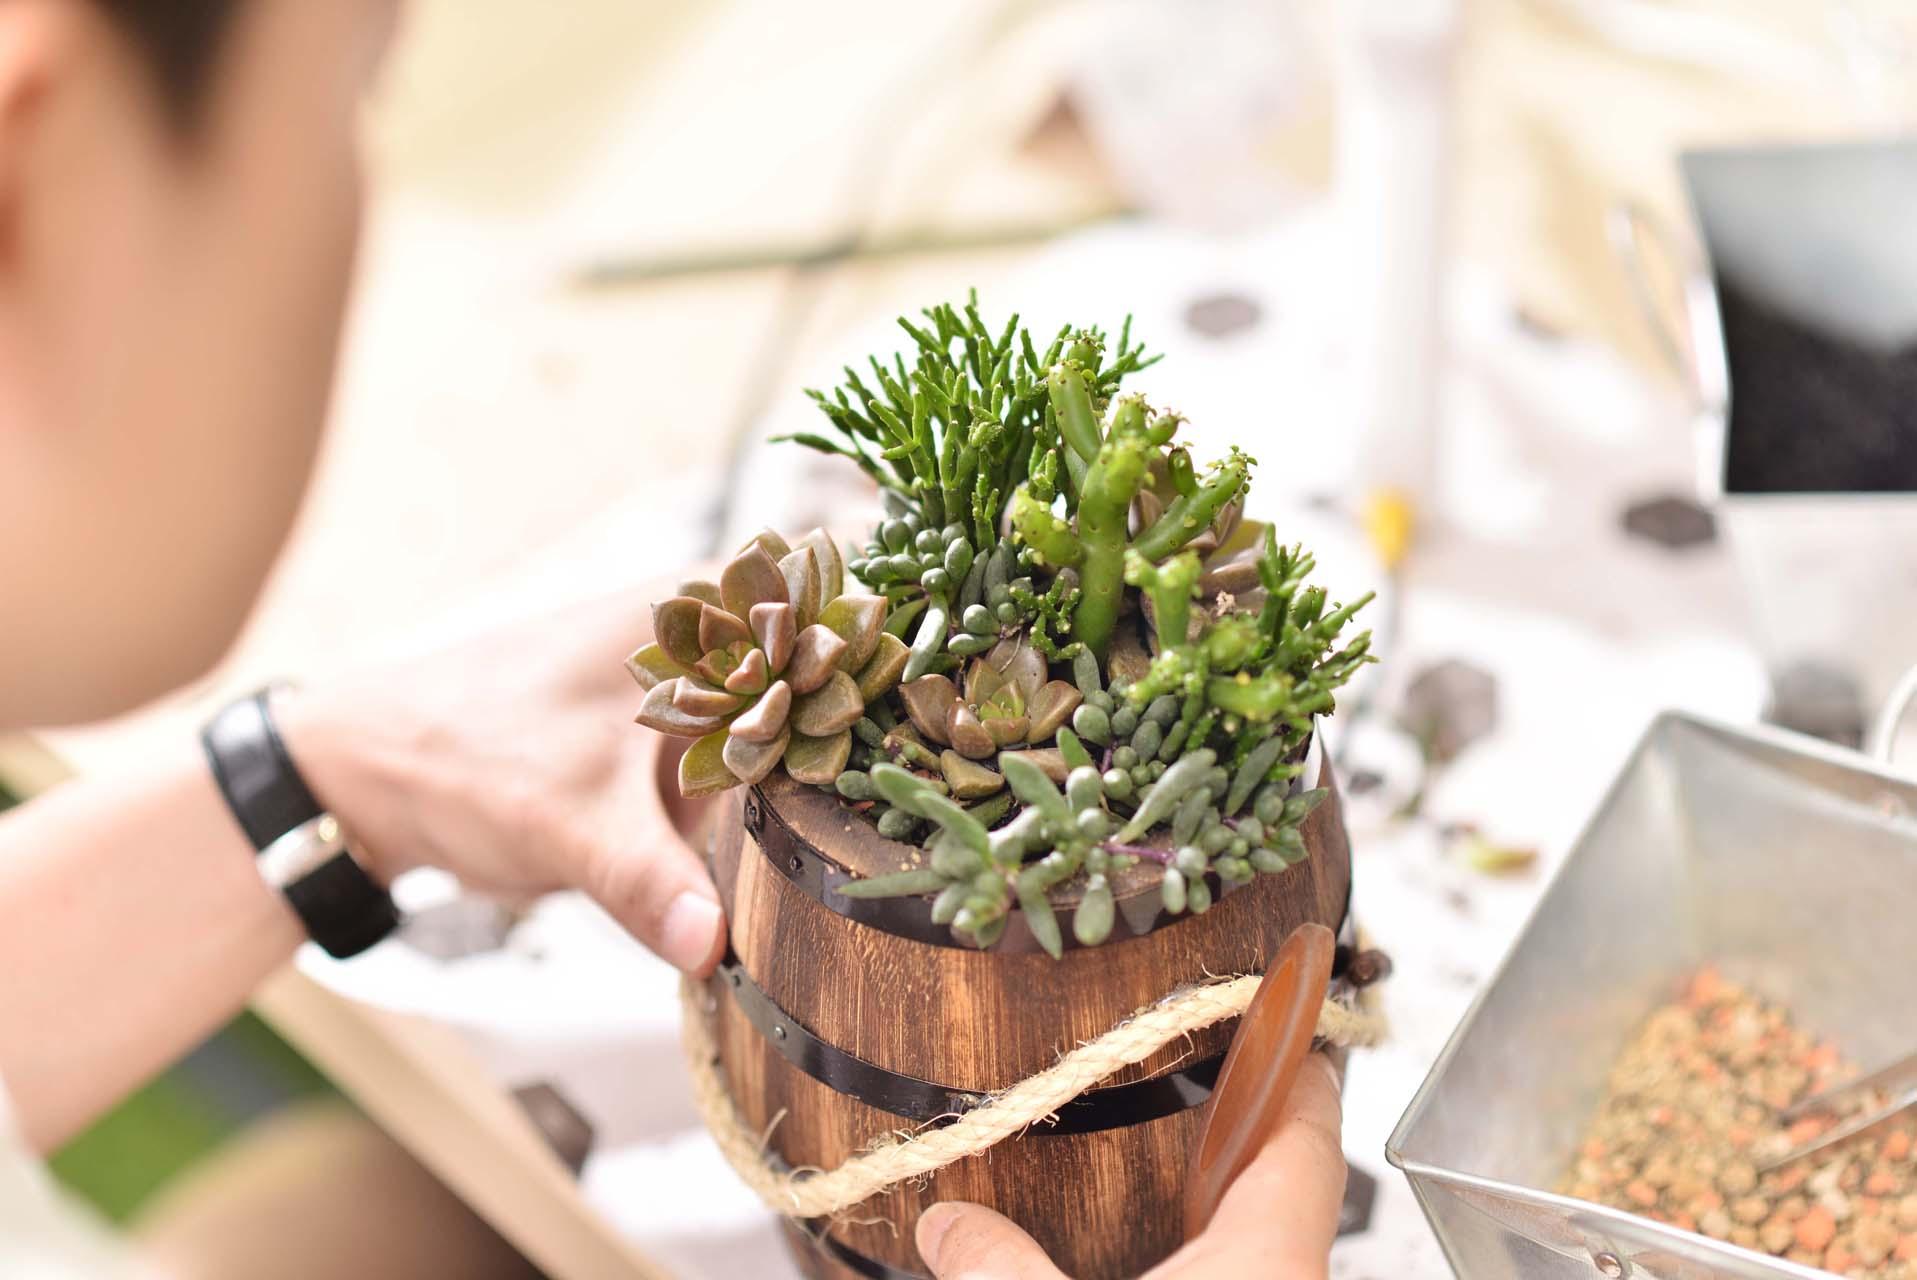 透過組合盆栽的課程,帶領你知道該如何照顧一群的多肉植物,讓組盆也可以長得更好